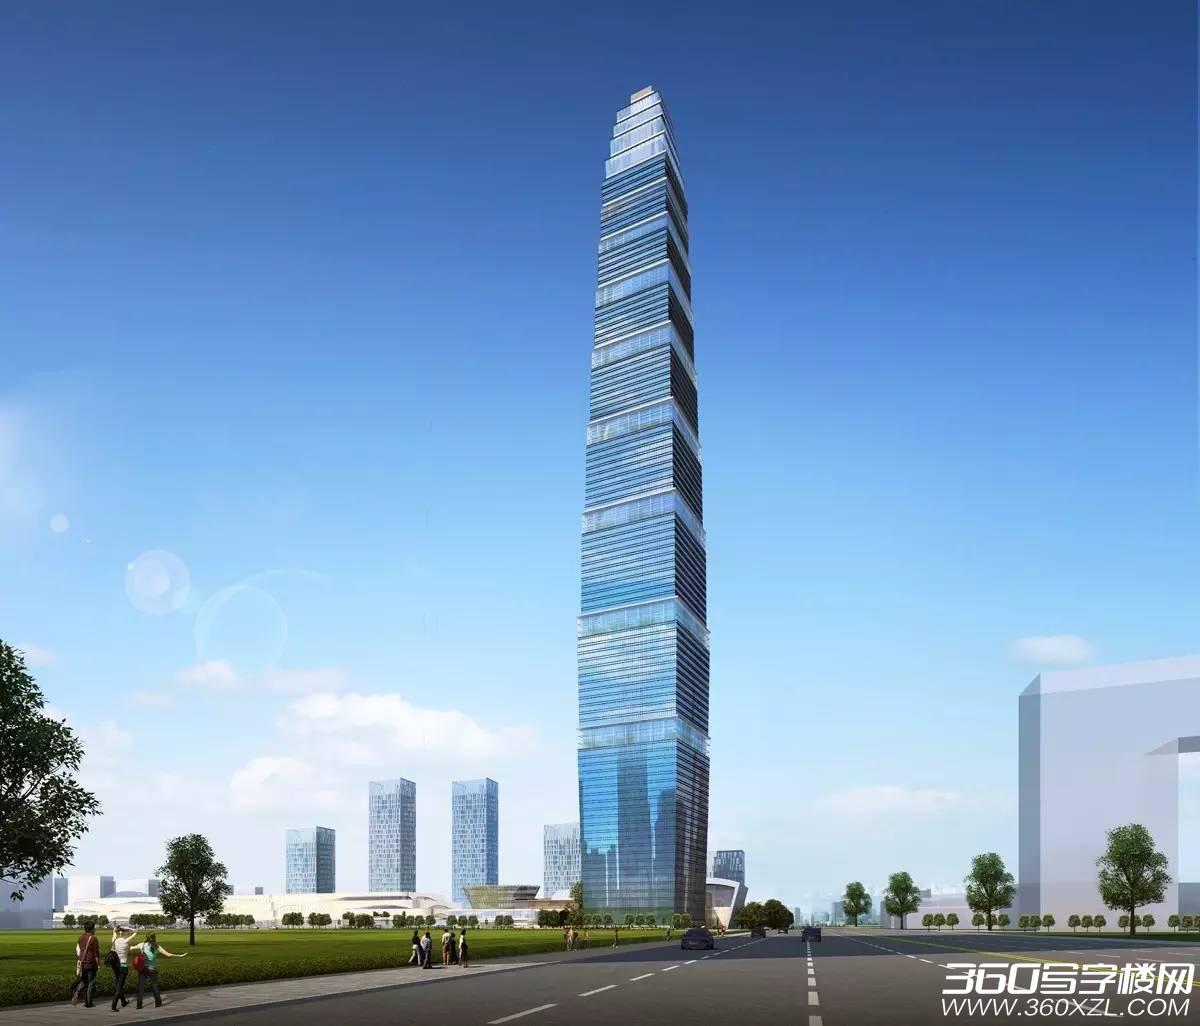 西安西咸新区丝路国际中心-501米绿地国际金融中心项目概况